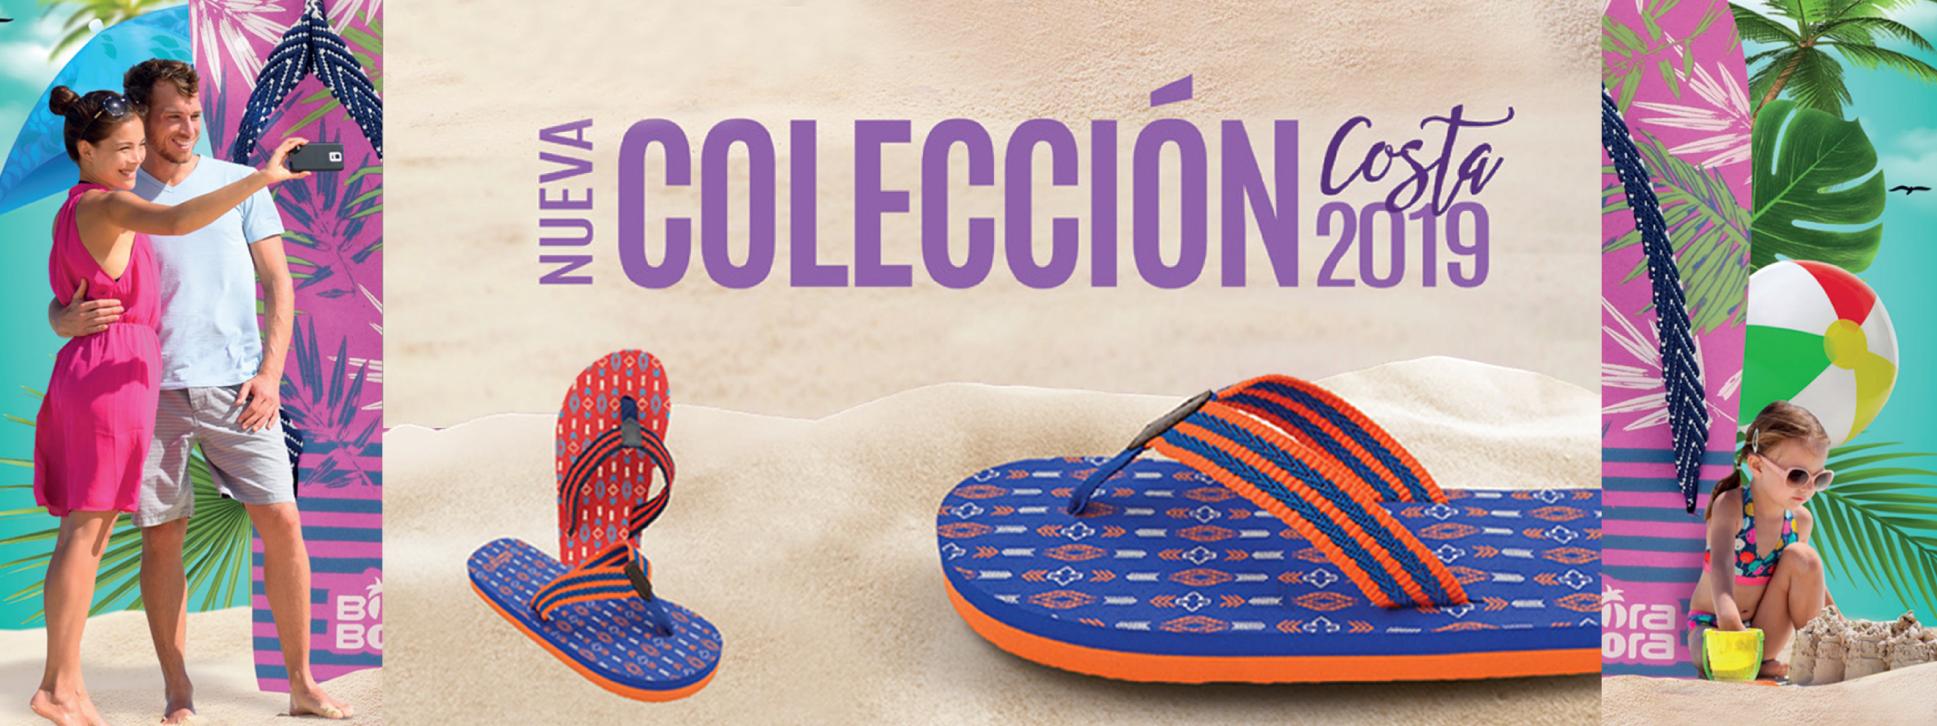 Nueva Colección Costa 2019